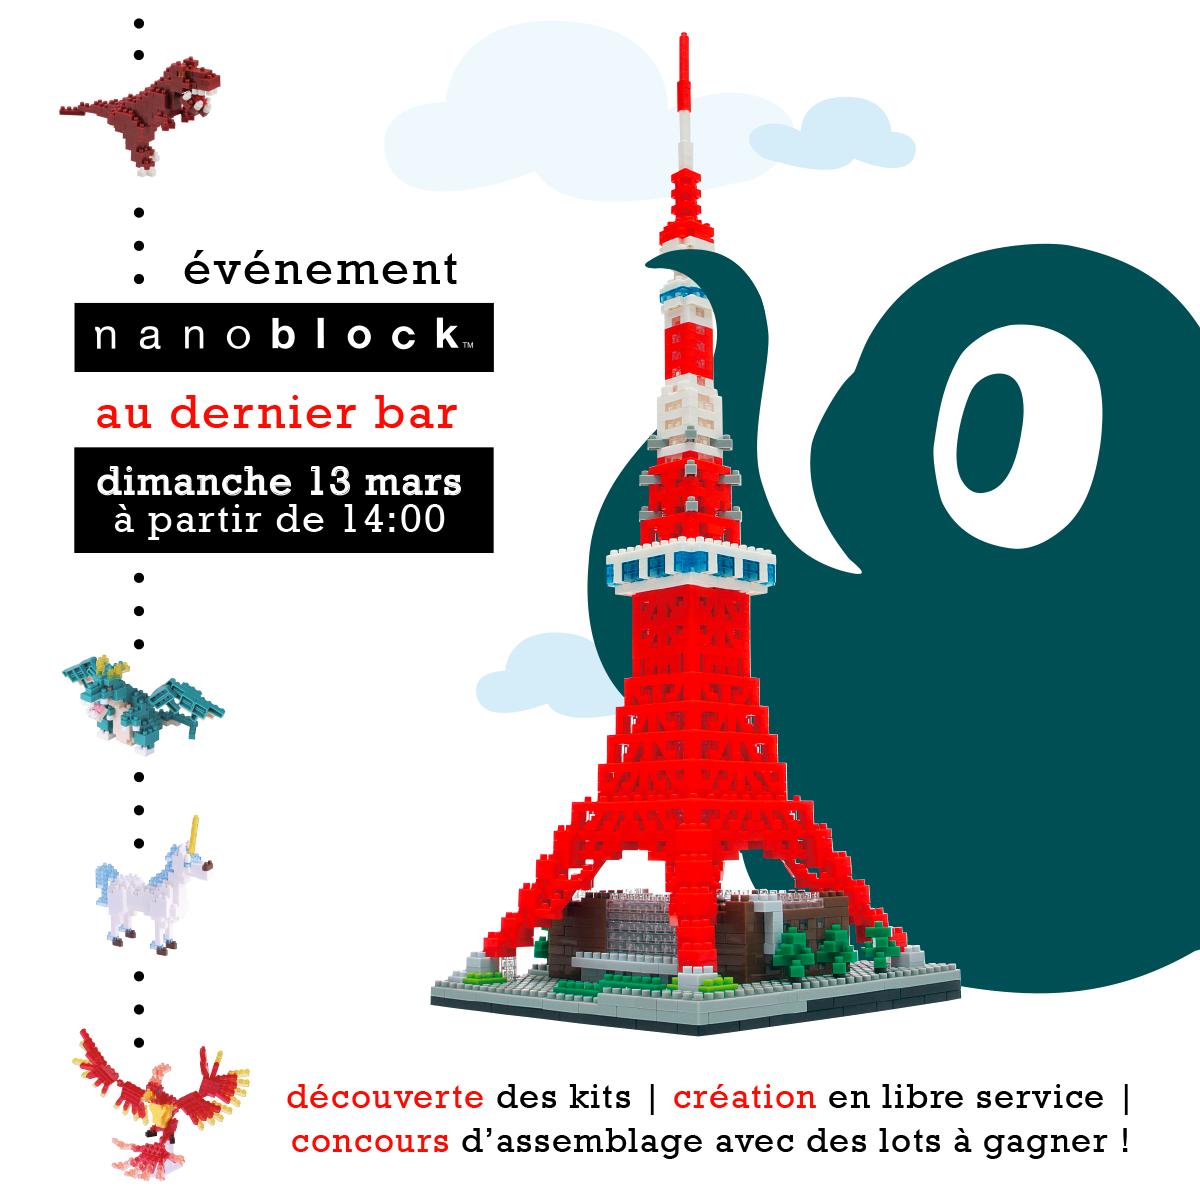 événement nanoblock au Dernier Bar avant la Fin du Monde